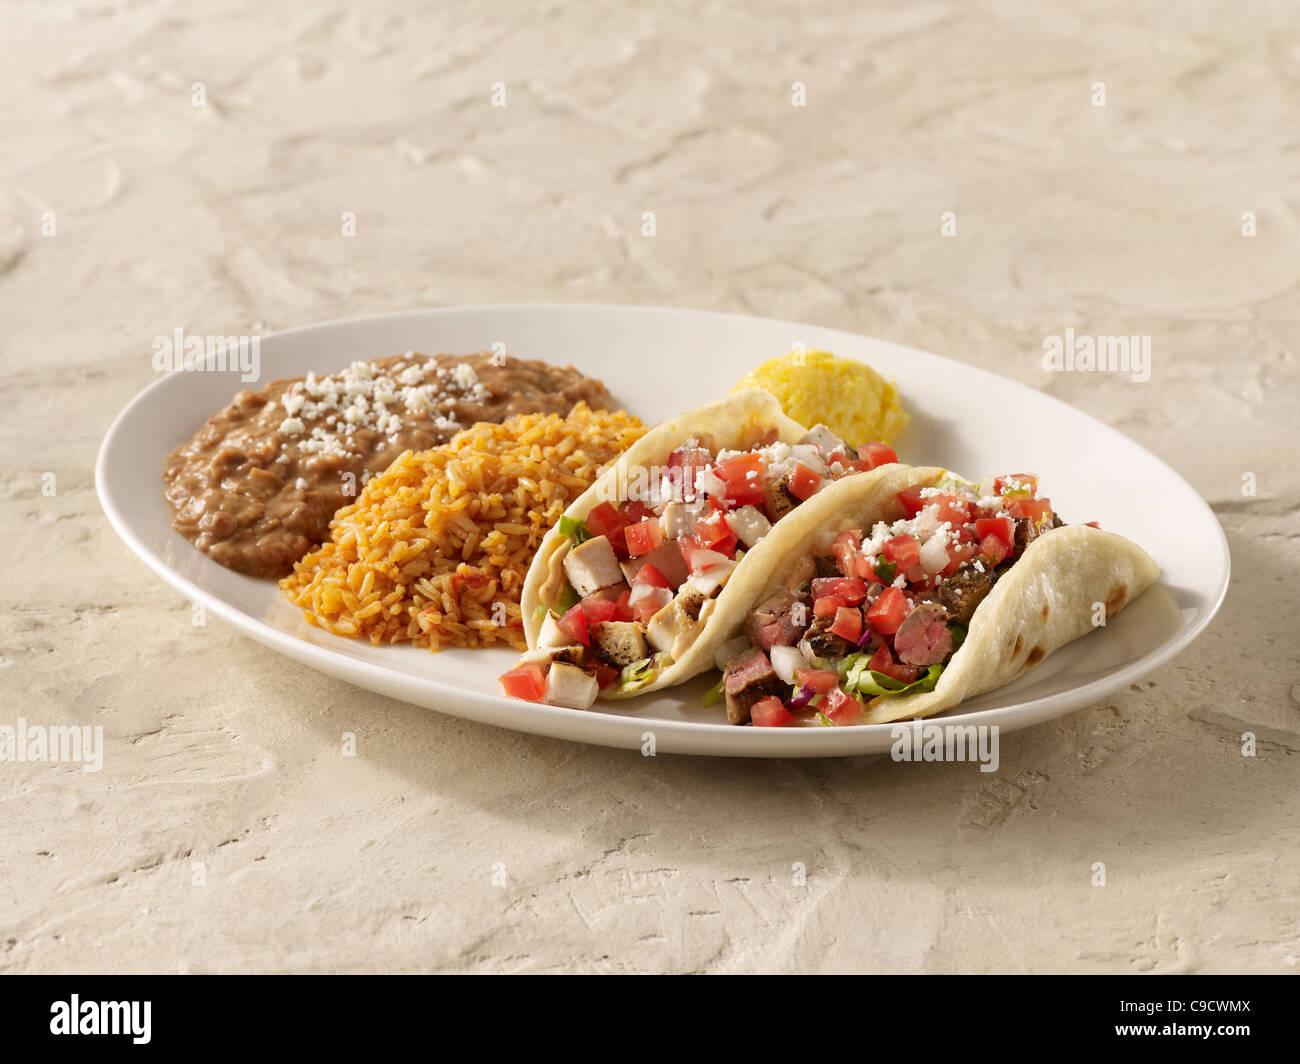 Eine Fajita Chicken Taco und Steak Taco-Combo mit Salsa Fresca und Käse garniert, serviert mit spanischen Reis Stockbild